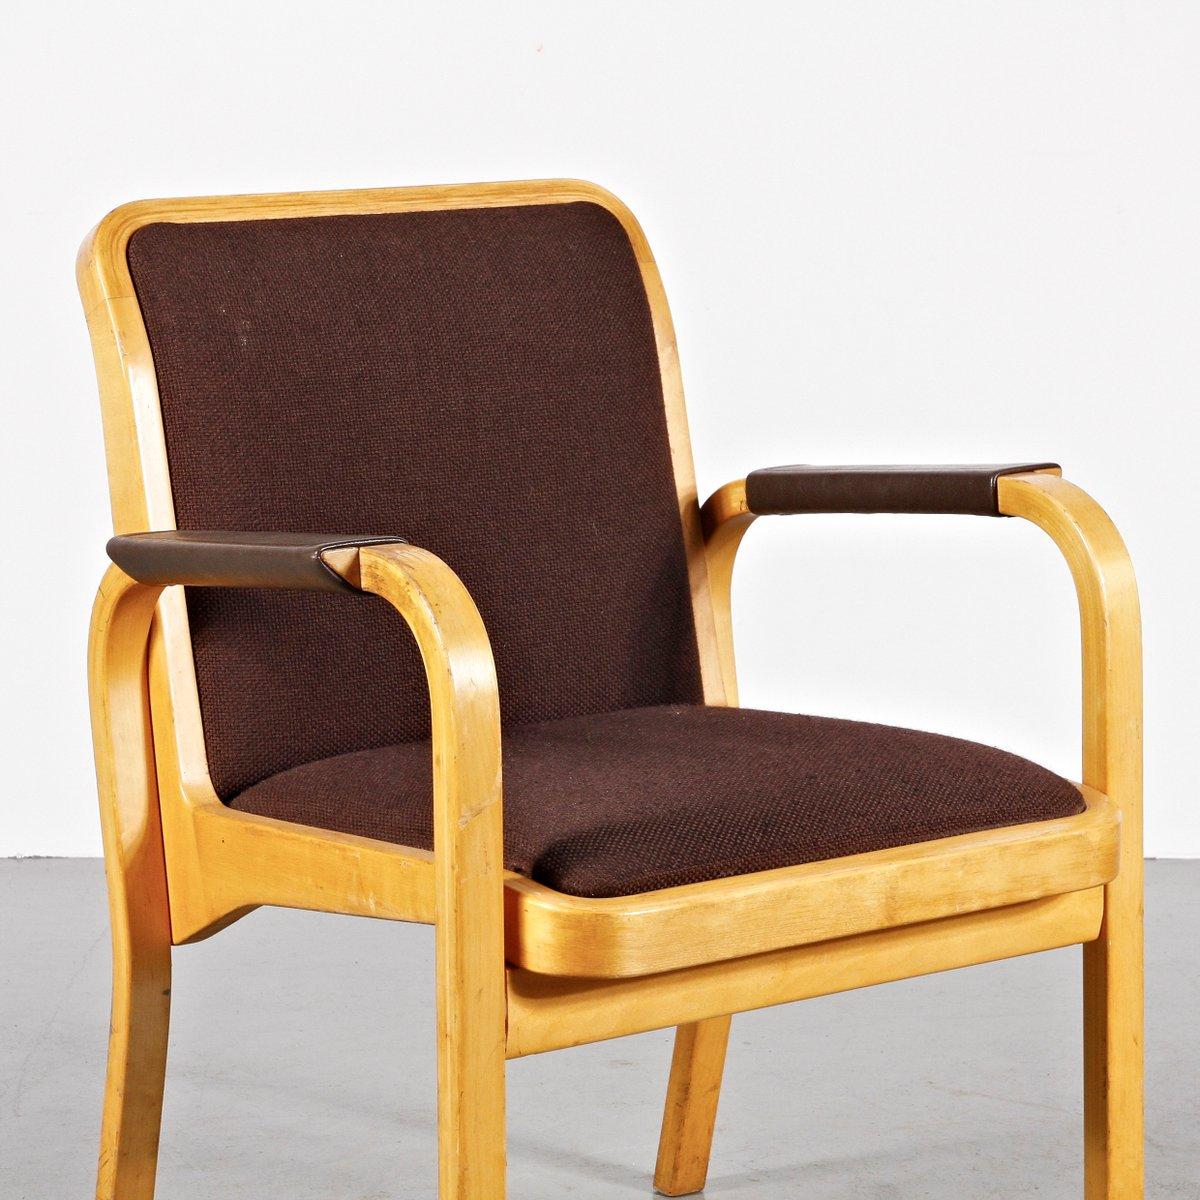 fauteuils par alvar aalto pour artek 1960s set de 4 en vente sur pamono. Black Bedroom Furniture Sets. Home Design Ideas